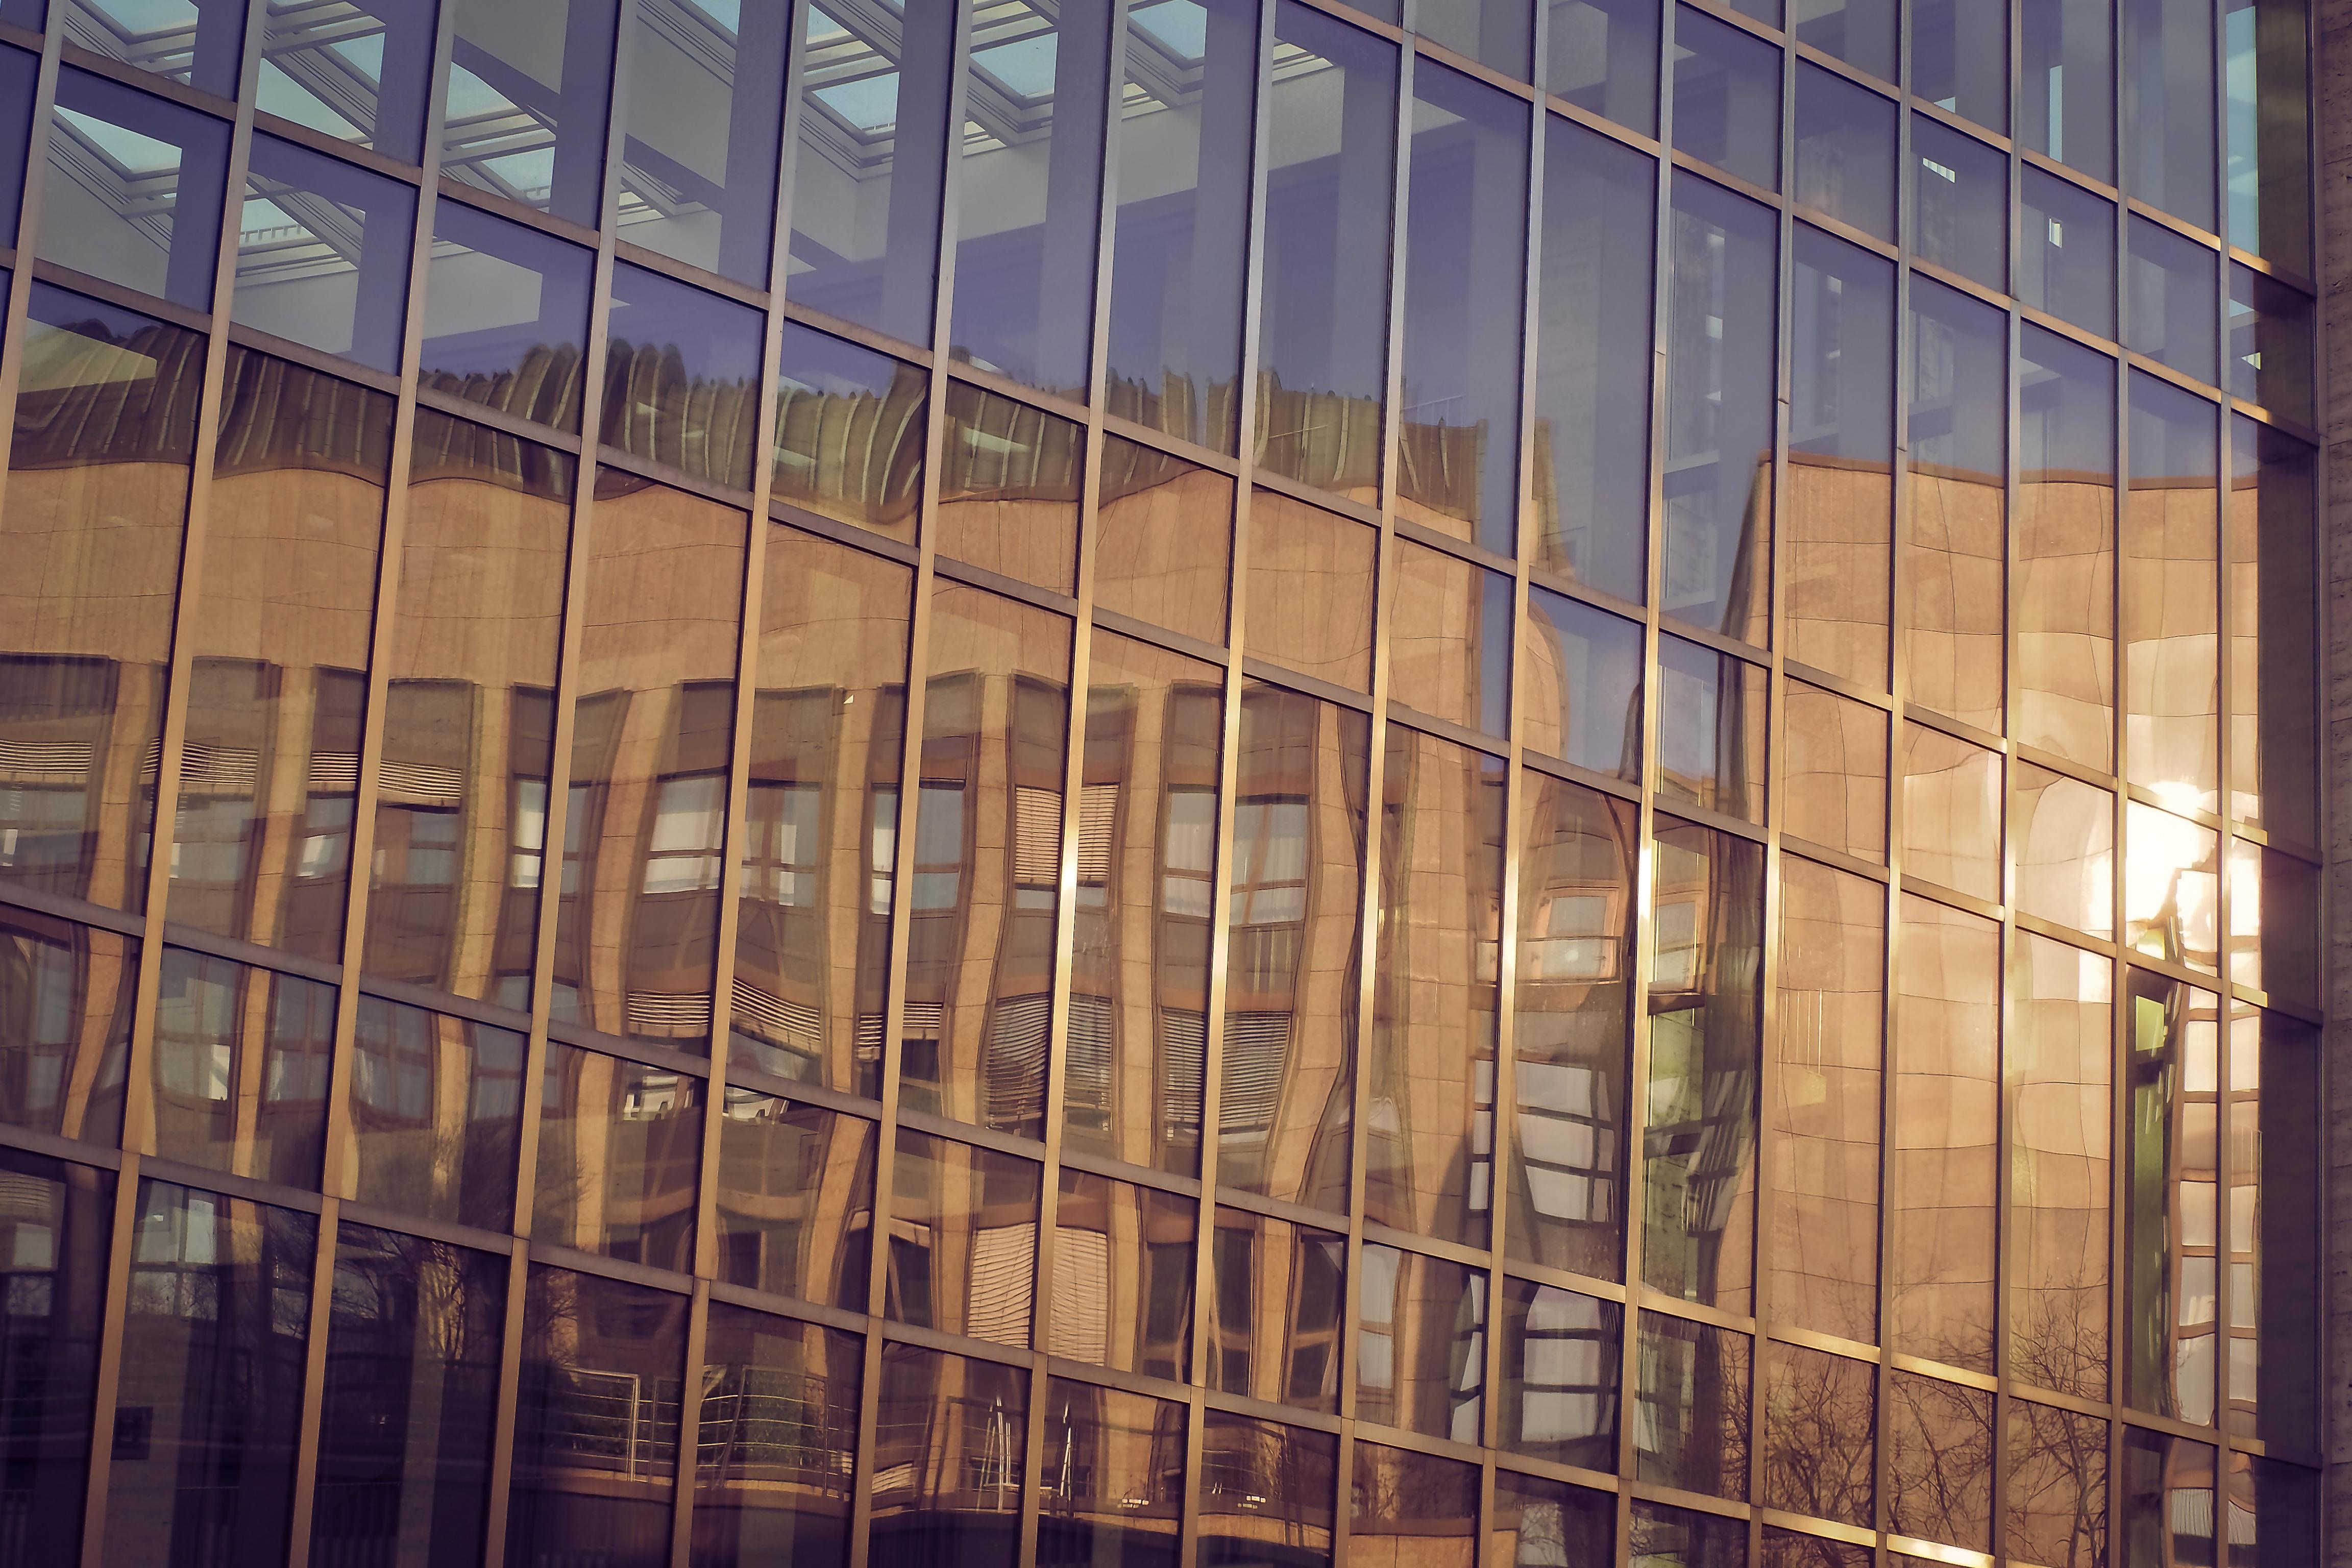 무료 이미지 : 건축물, 목재, 창문, 건물, 시티, 벽, 선, 반사, 정면 ...